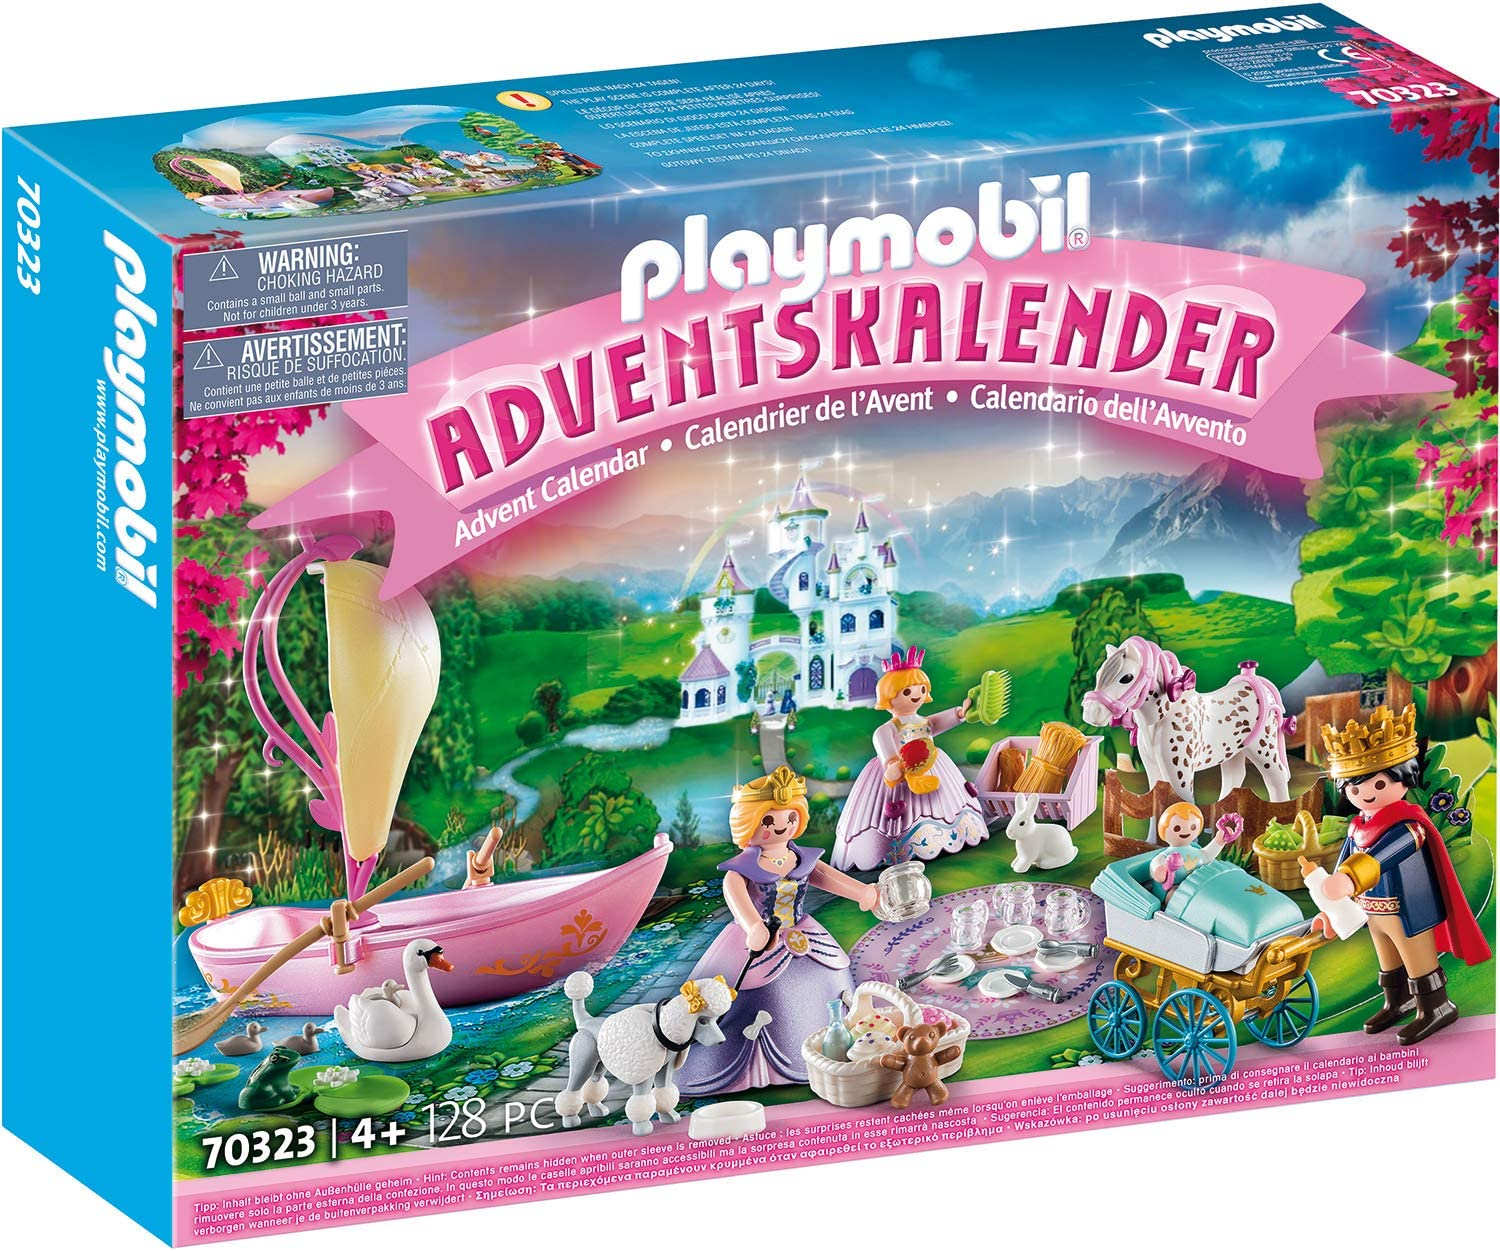 Playmobil 70323 - Calendario de adviento para niños a Partir de 4 años